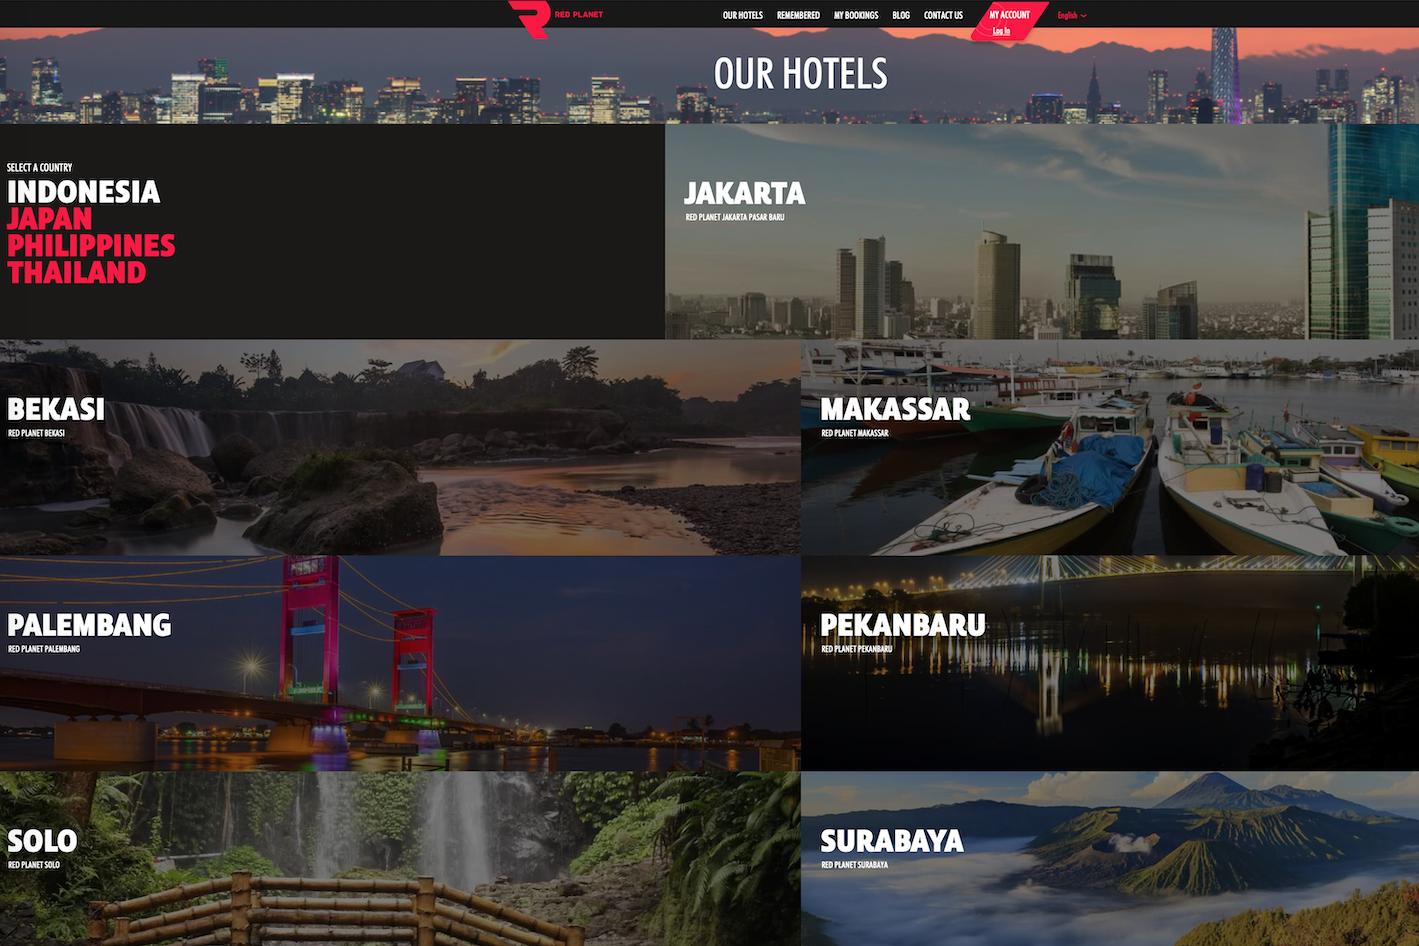 日本酒店连锁 Red Planet 斥资65.9亿日元收购母公司旗下六家泰国酒店